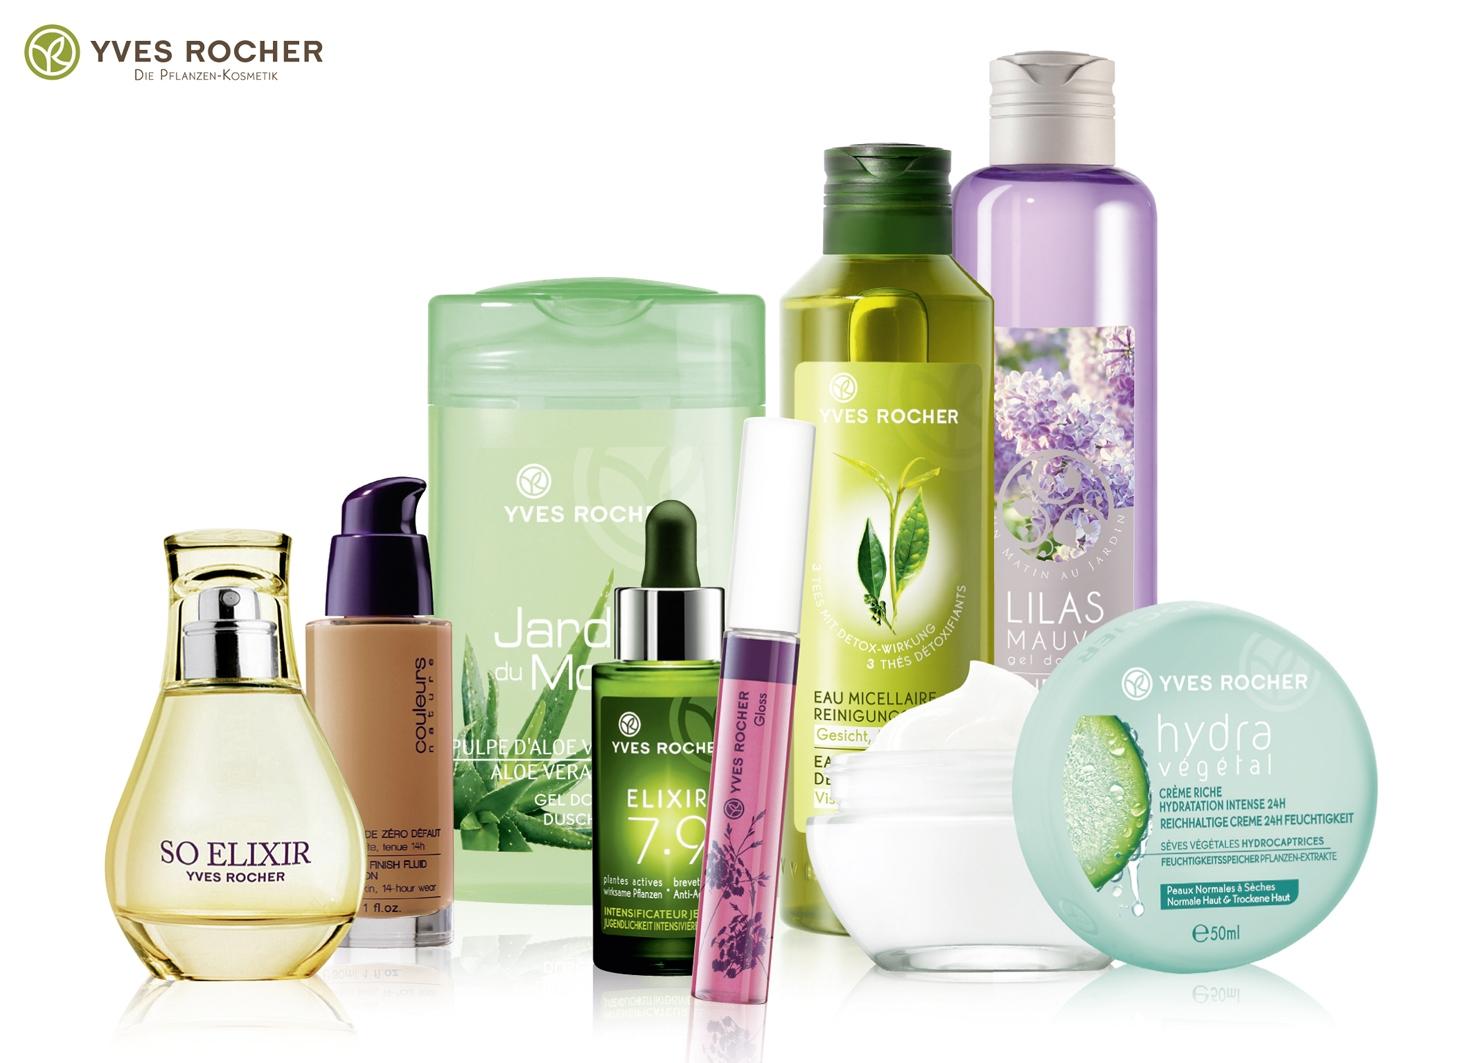 Alle Produkte werden auf pflanzlicher Basis hergestellt